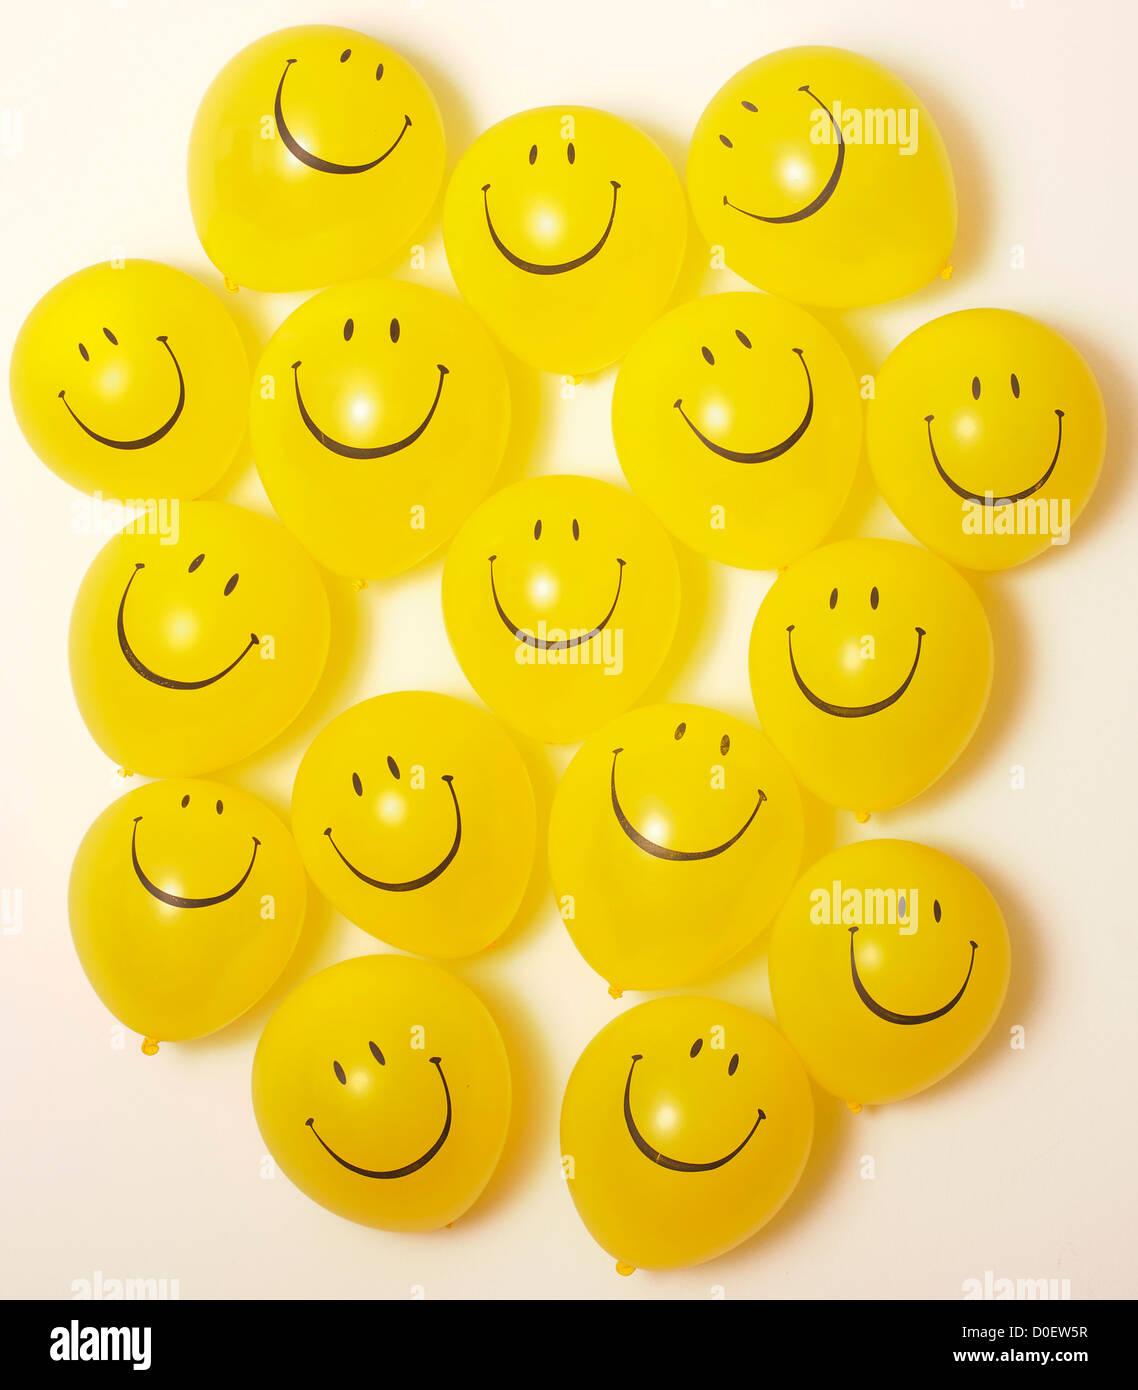 Smiley Face Balloons Stock Photos & Smiley Face Balloons Stock